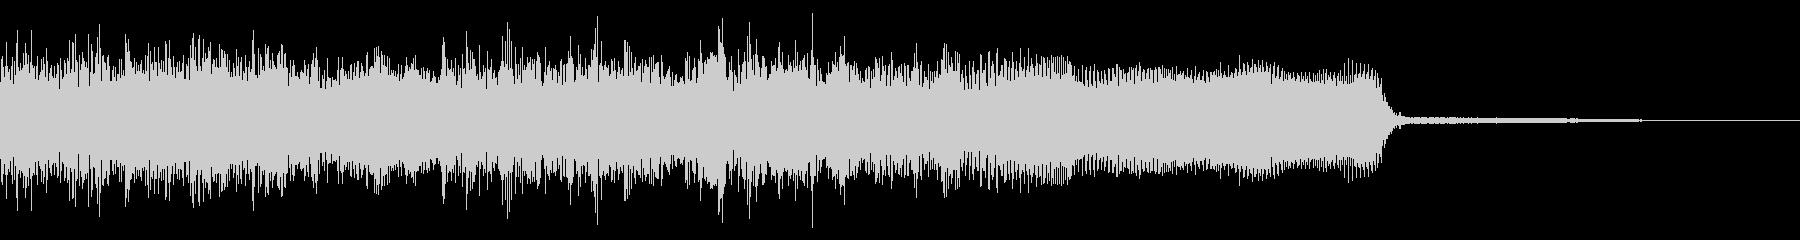 メタル系ジングル ネオクラシカル 切替の未再生の波形